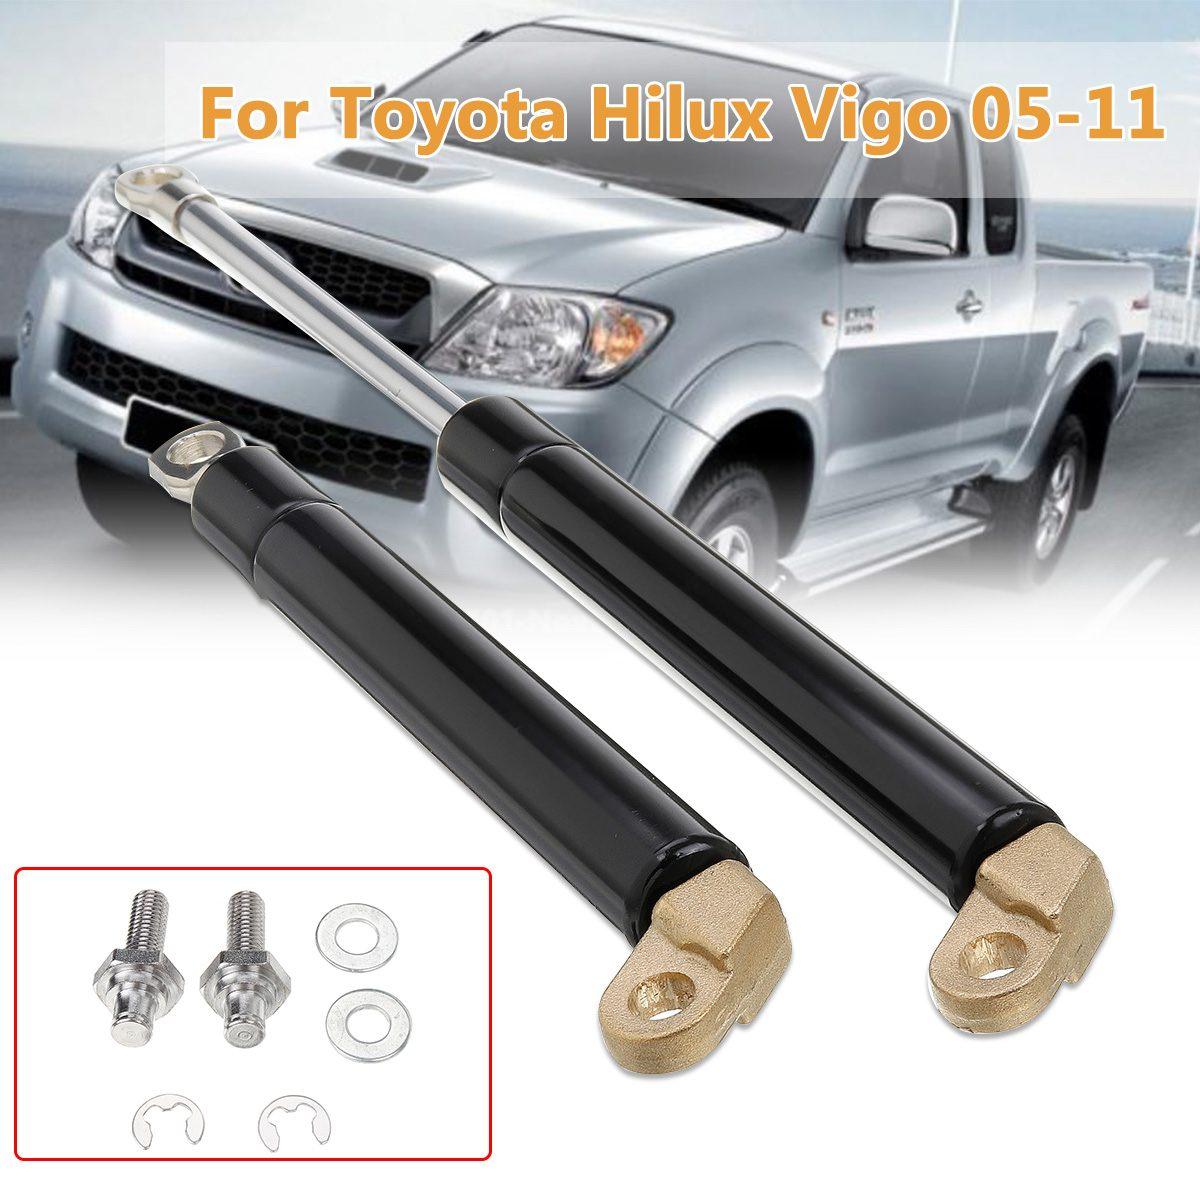 Puntales de Gas de la puerta trasera de aluminio Kit de amortiguador del maletero trasero para Toyota Hilux Vigo 2005-2011 nueva puerta trasera del maletero